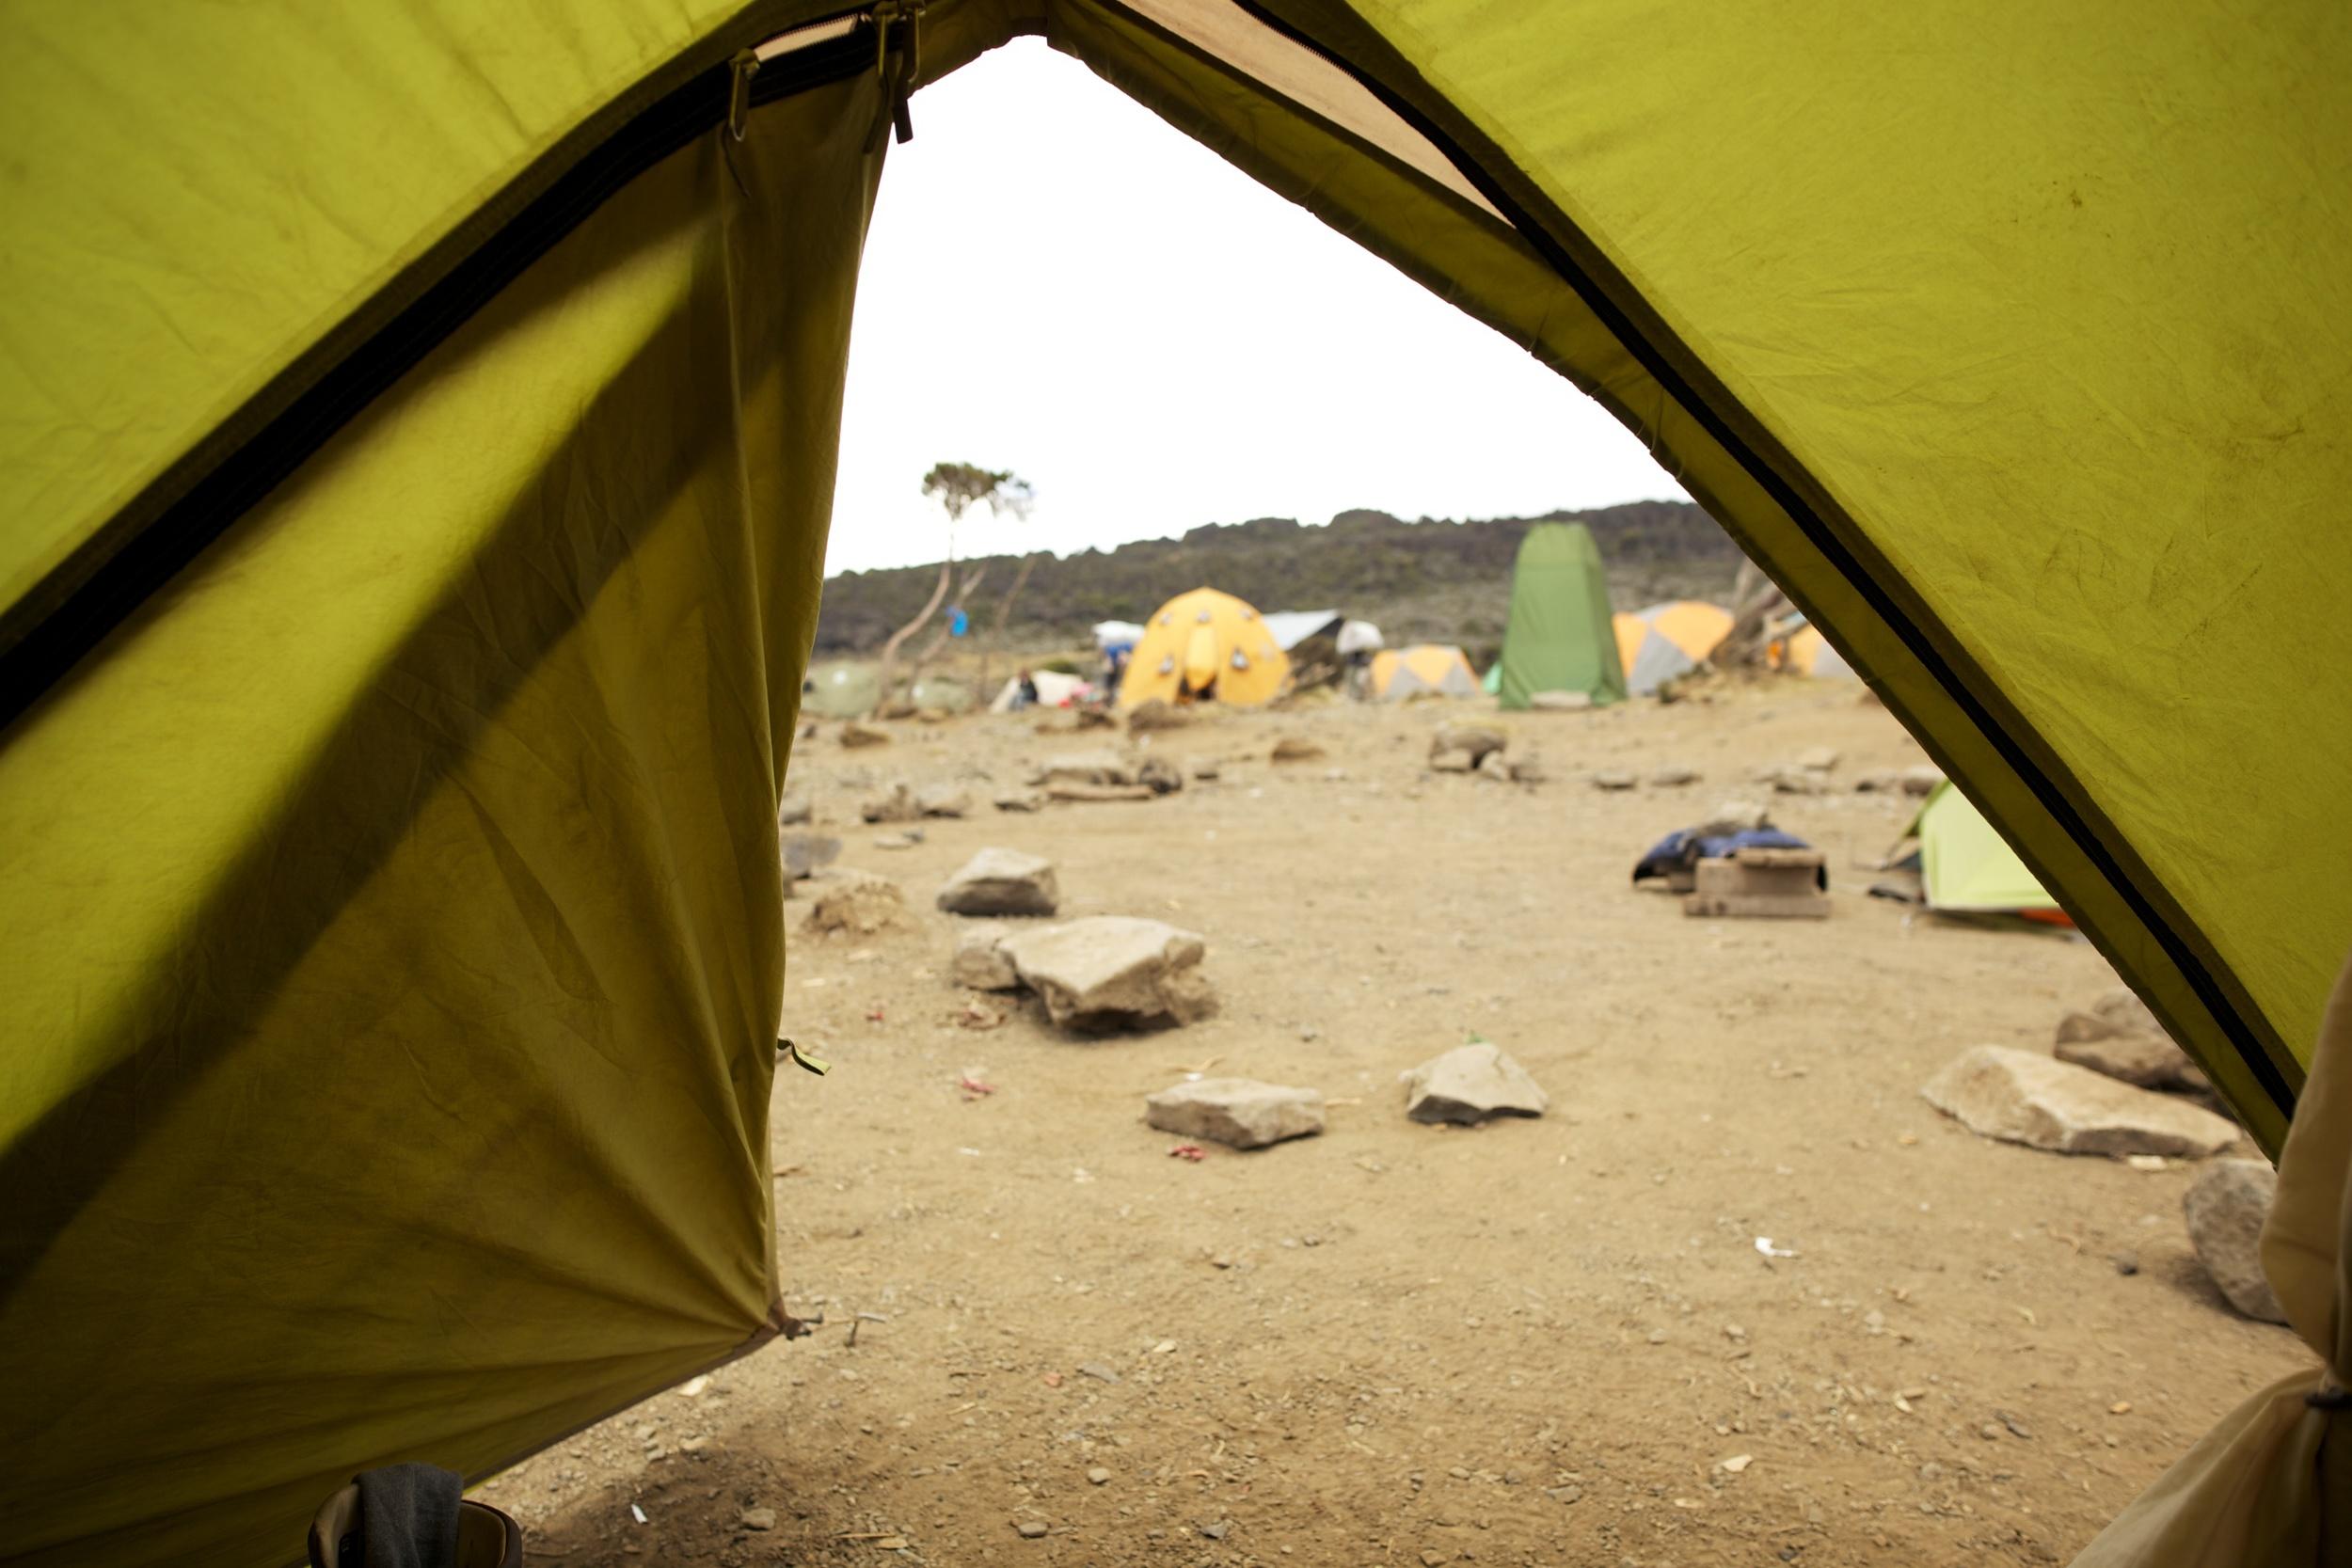 Shira Camp, 3940 asml, Kilimanjaro (TZ), Sep 2012